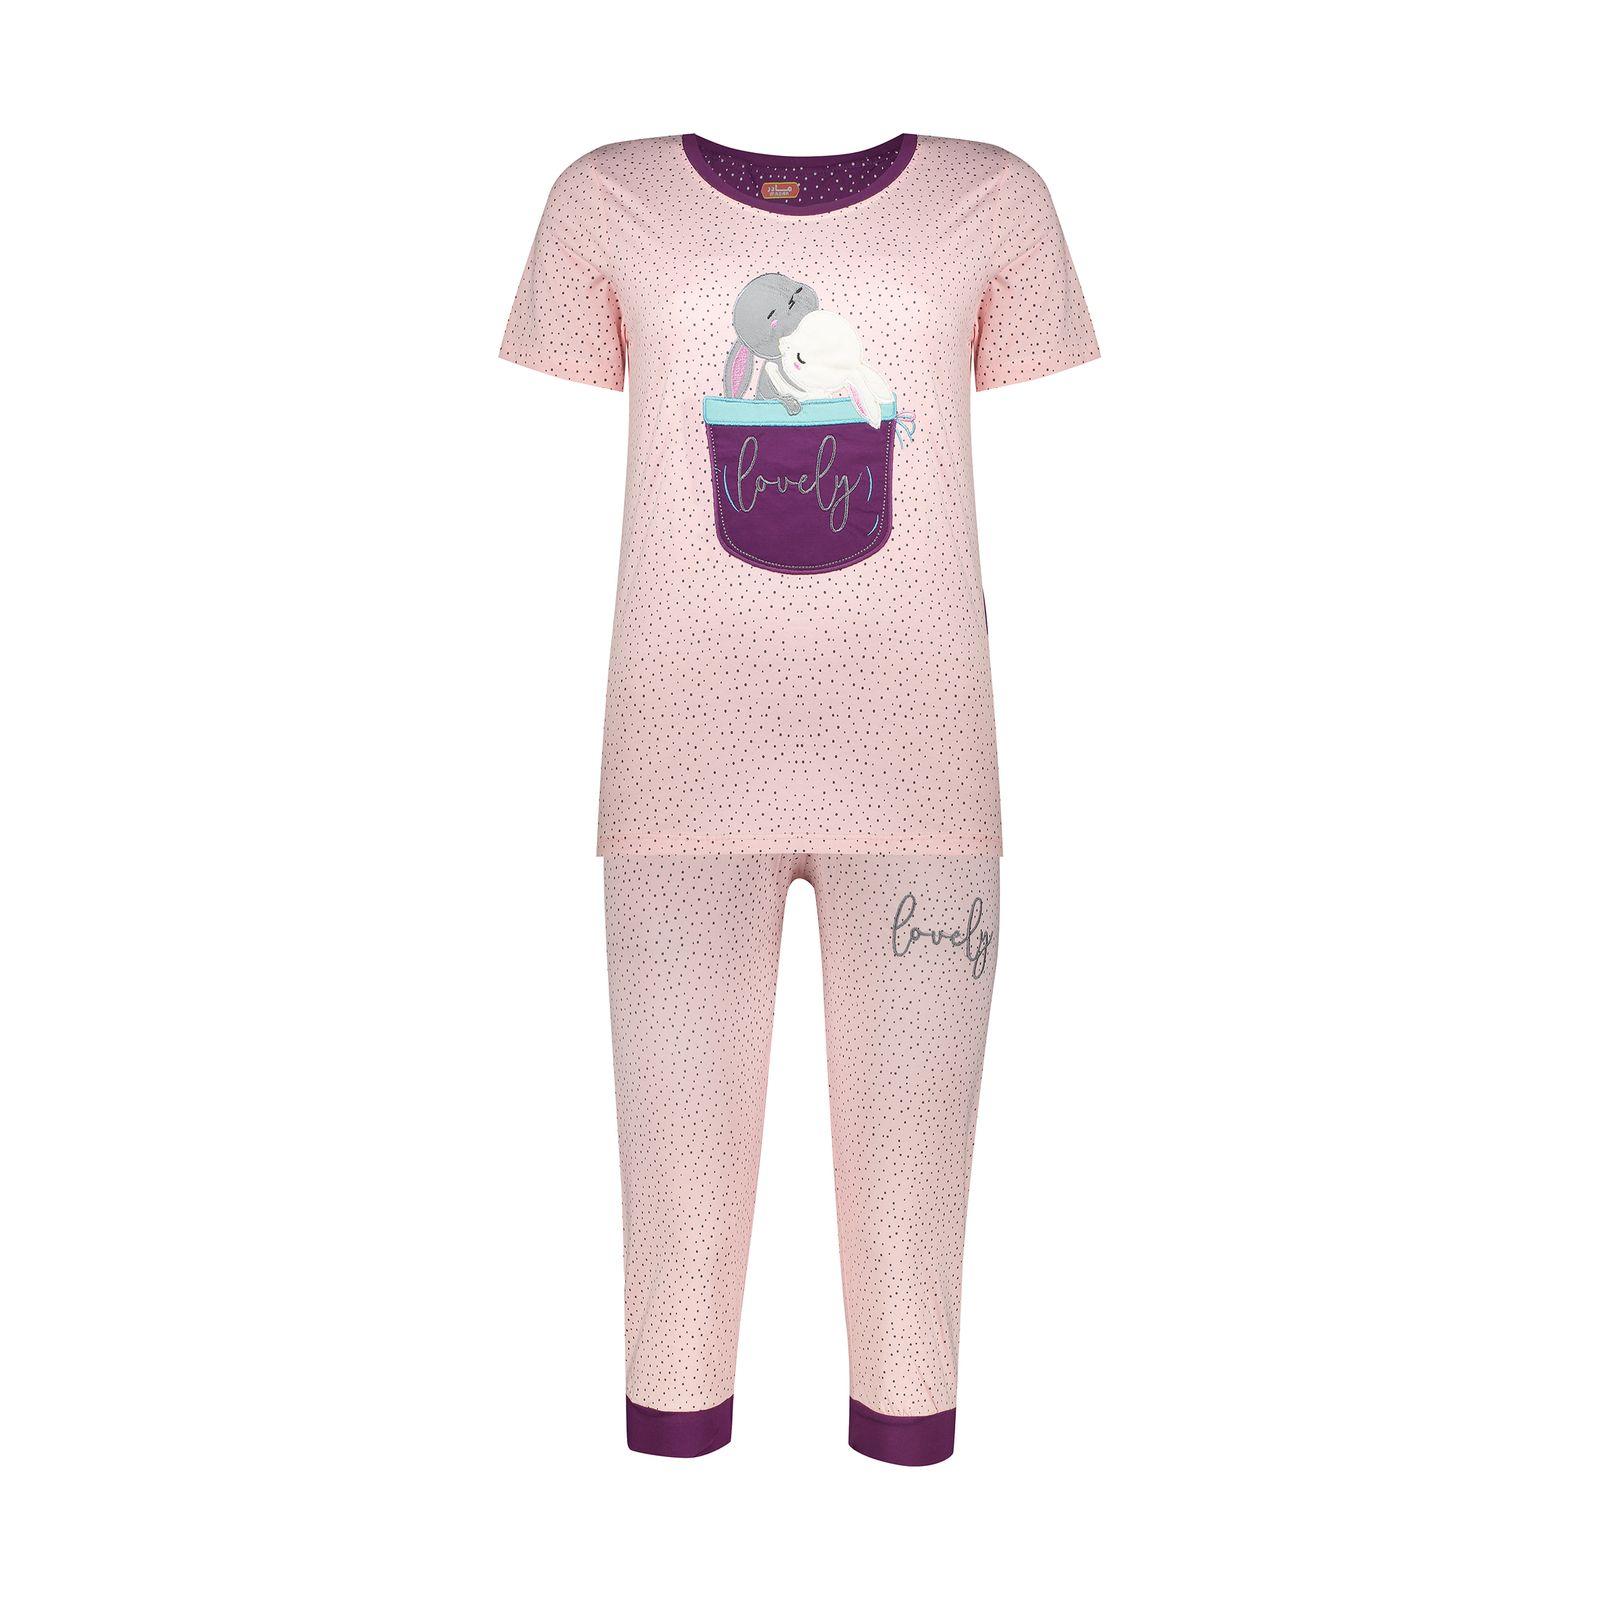 ست تی شرت و شلوارک راحتی زنانه مادر مدل 2041102-84 -  - 2